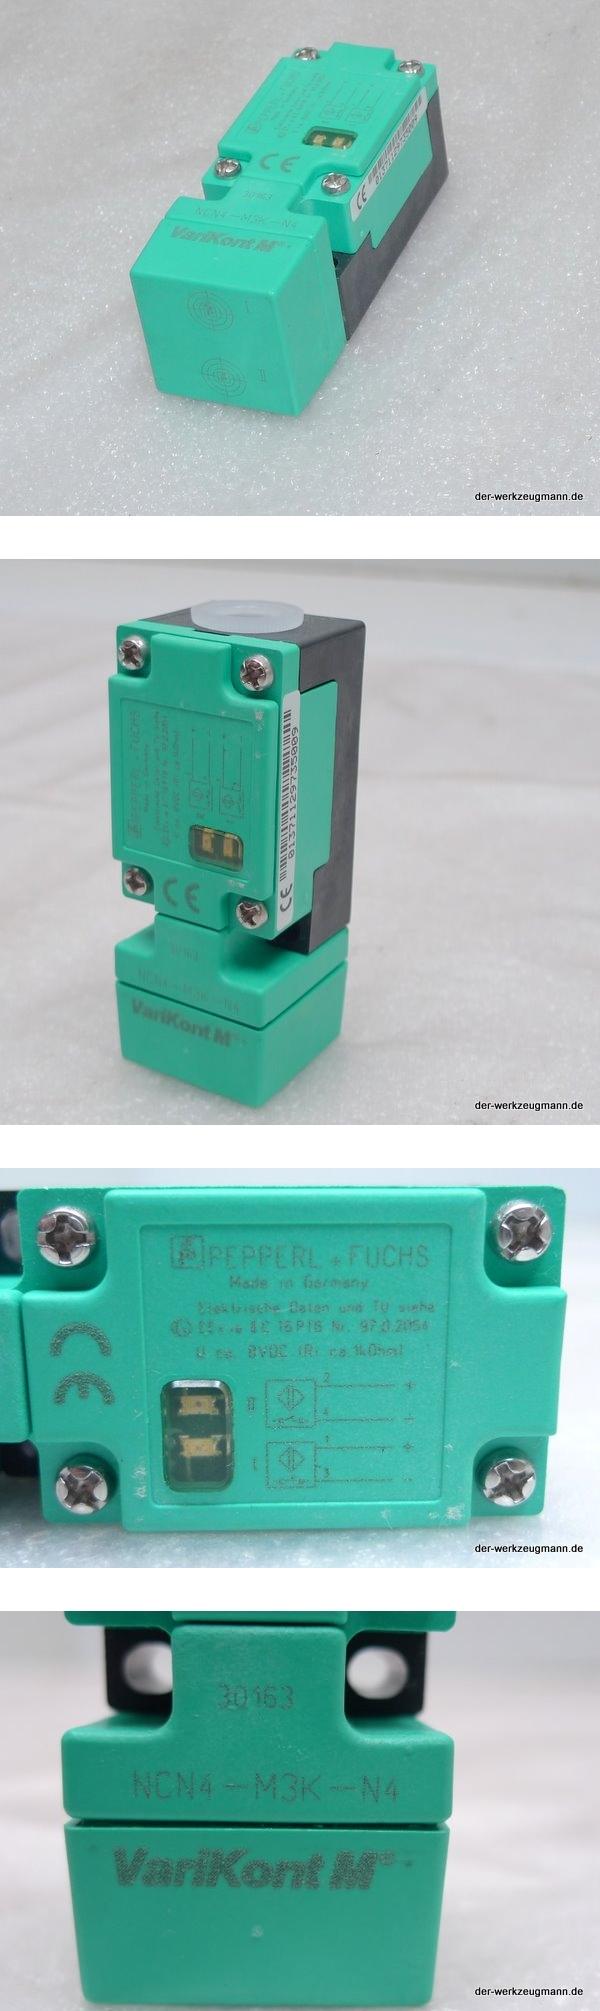 Pepperl Fuchs NCN4-M3K-N4